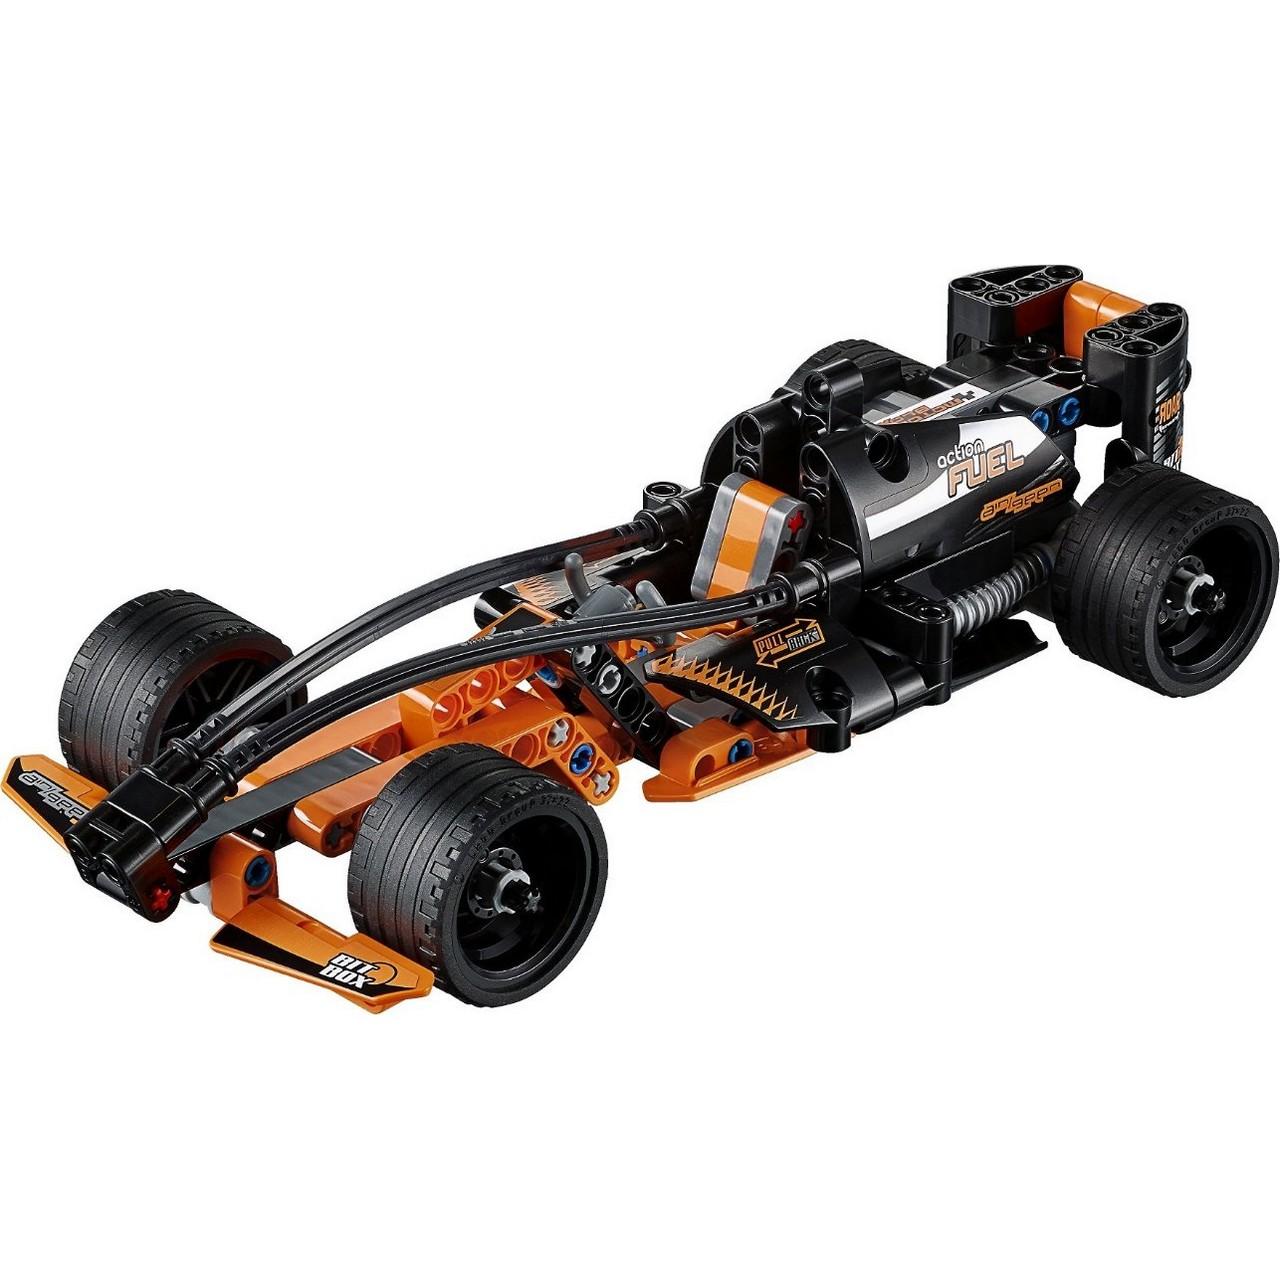 acheter un le bolide lego technic 42026 sur robot advance. Black Bedroom Furniture Sets. Home Design Ideas